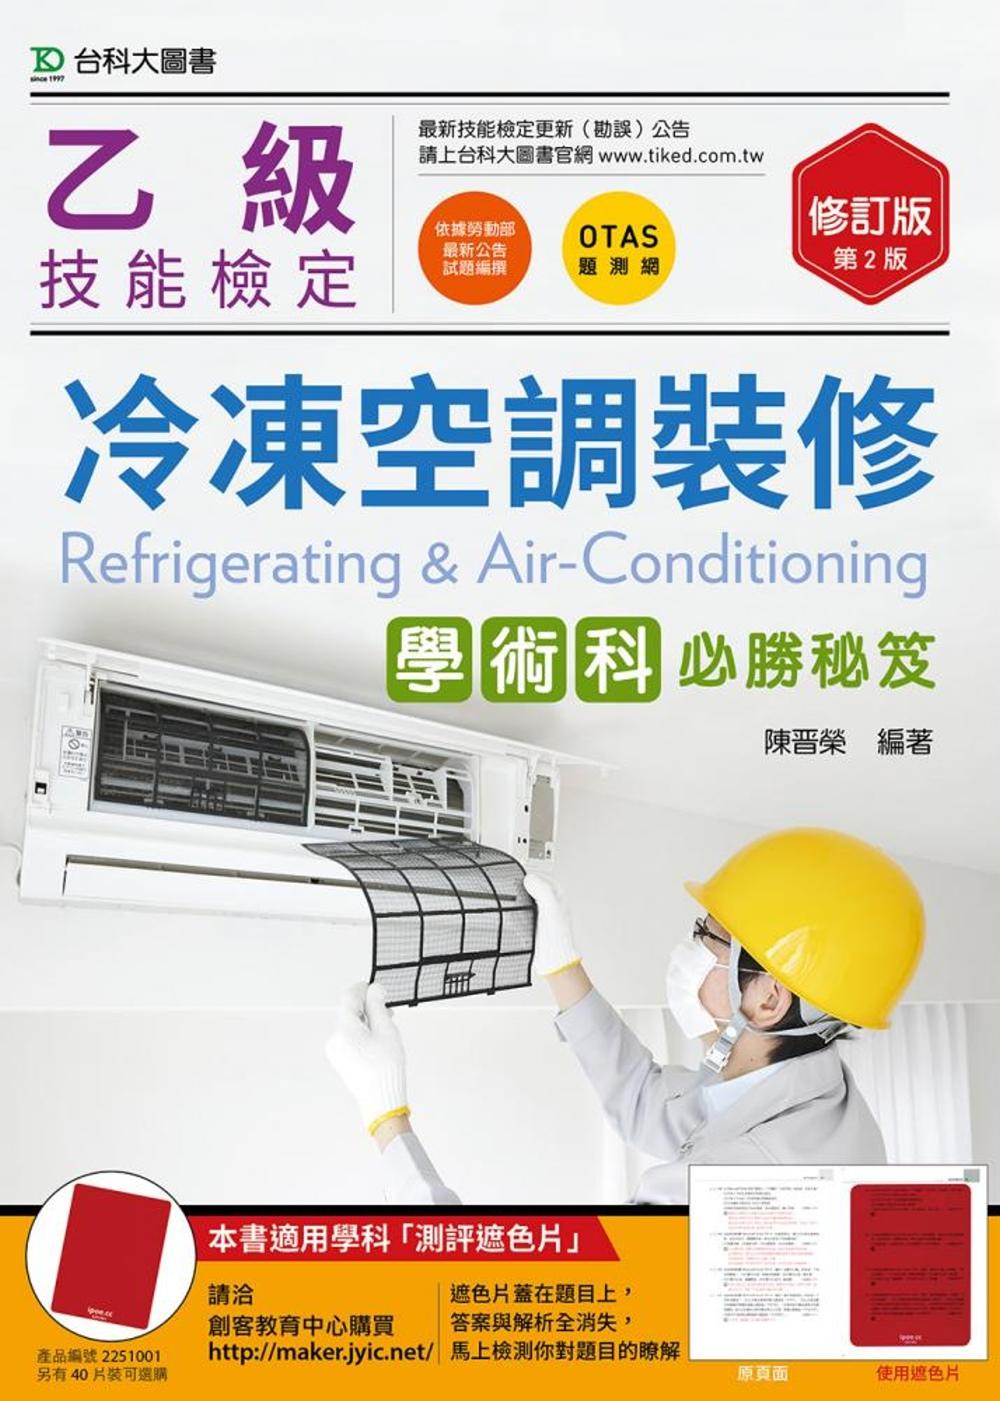 乙級冷凍空調裝修學術科必勝秘笈 - 修訂版(第二版) - 附贈OTAS題測系統